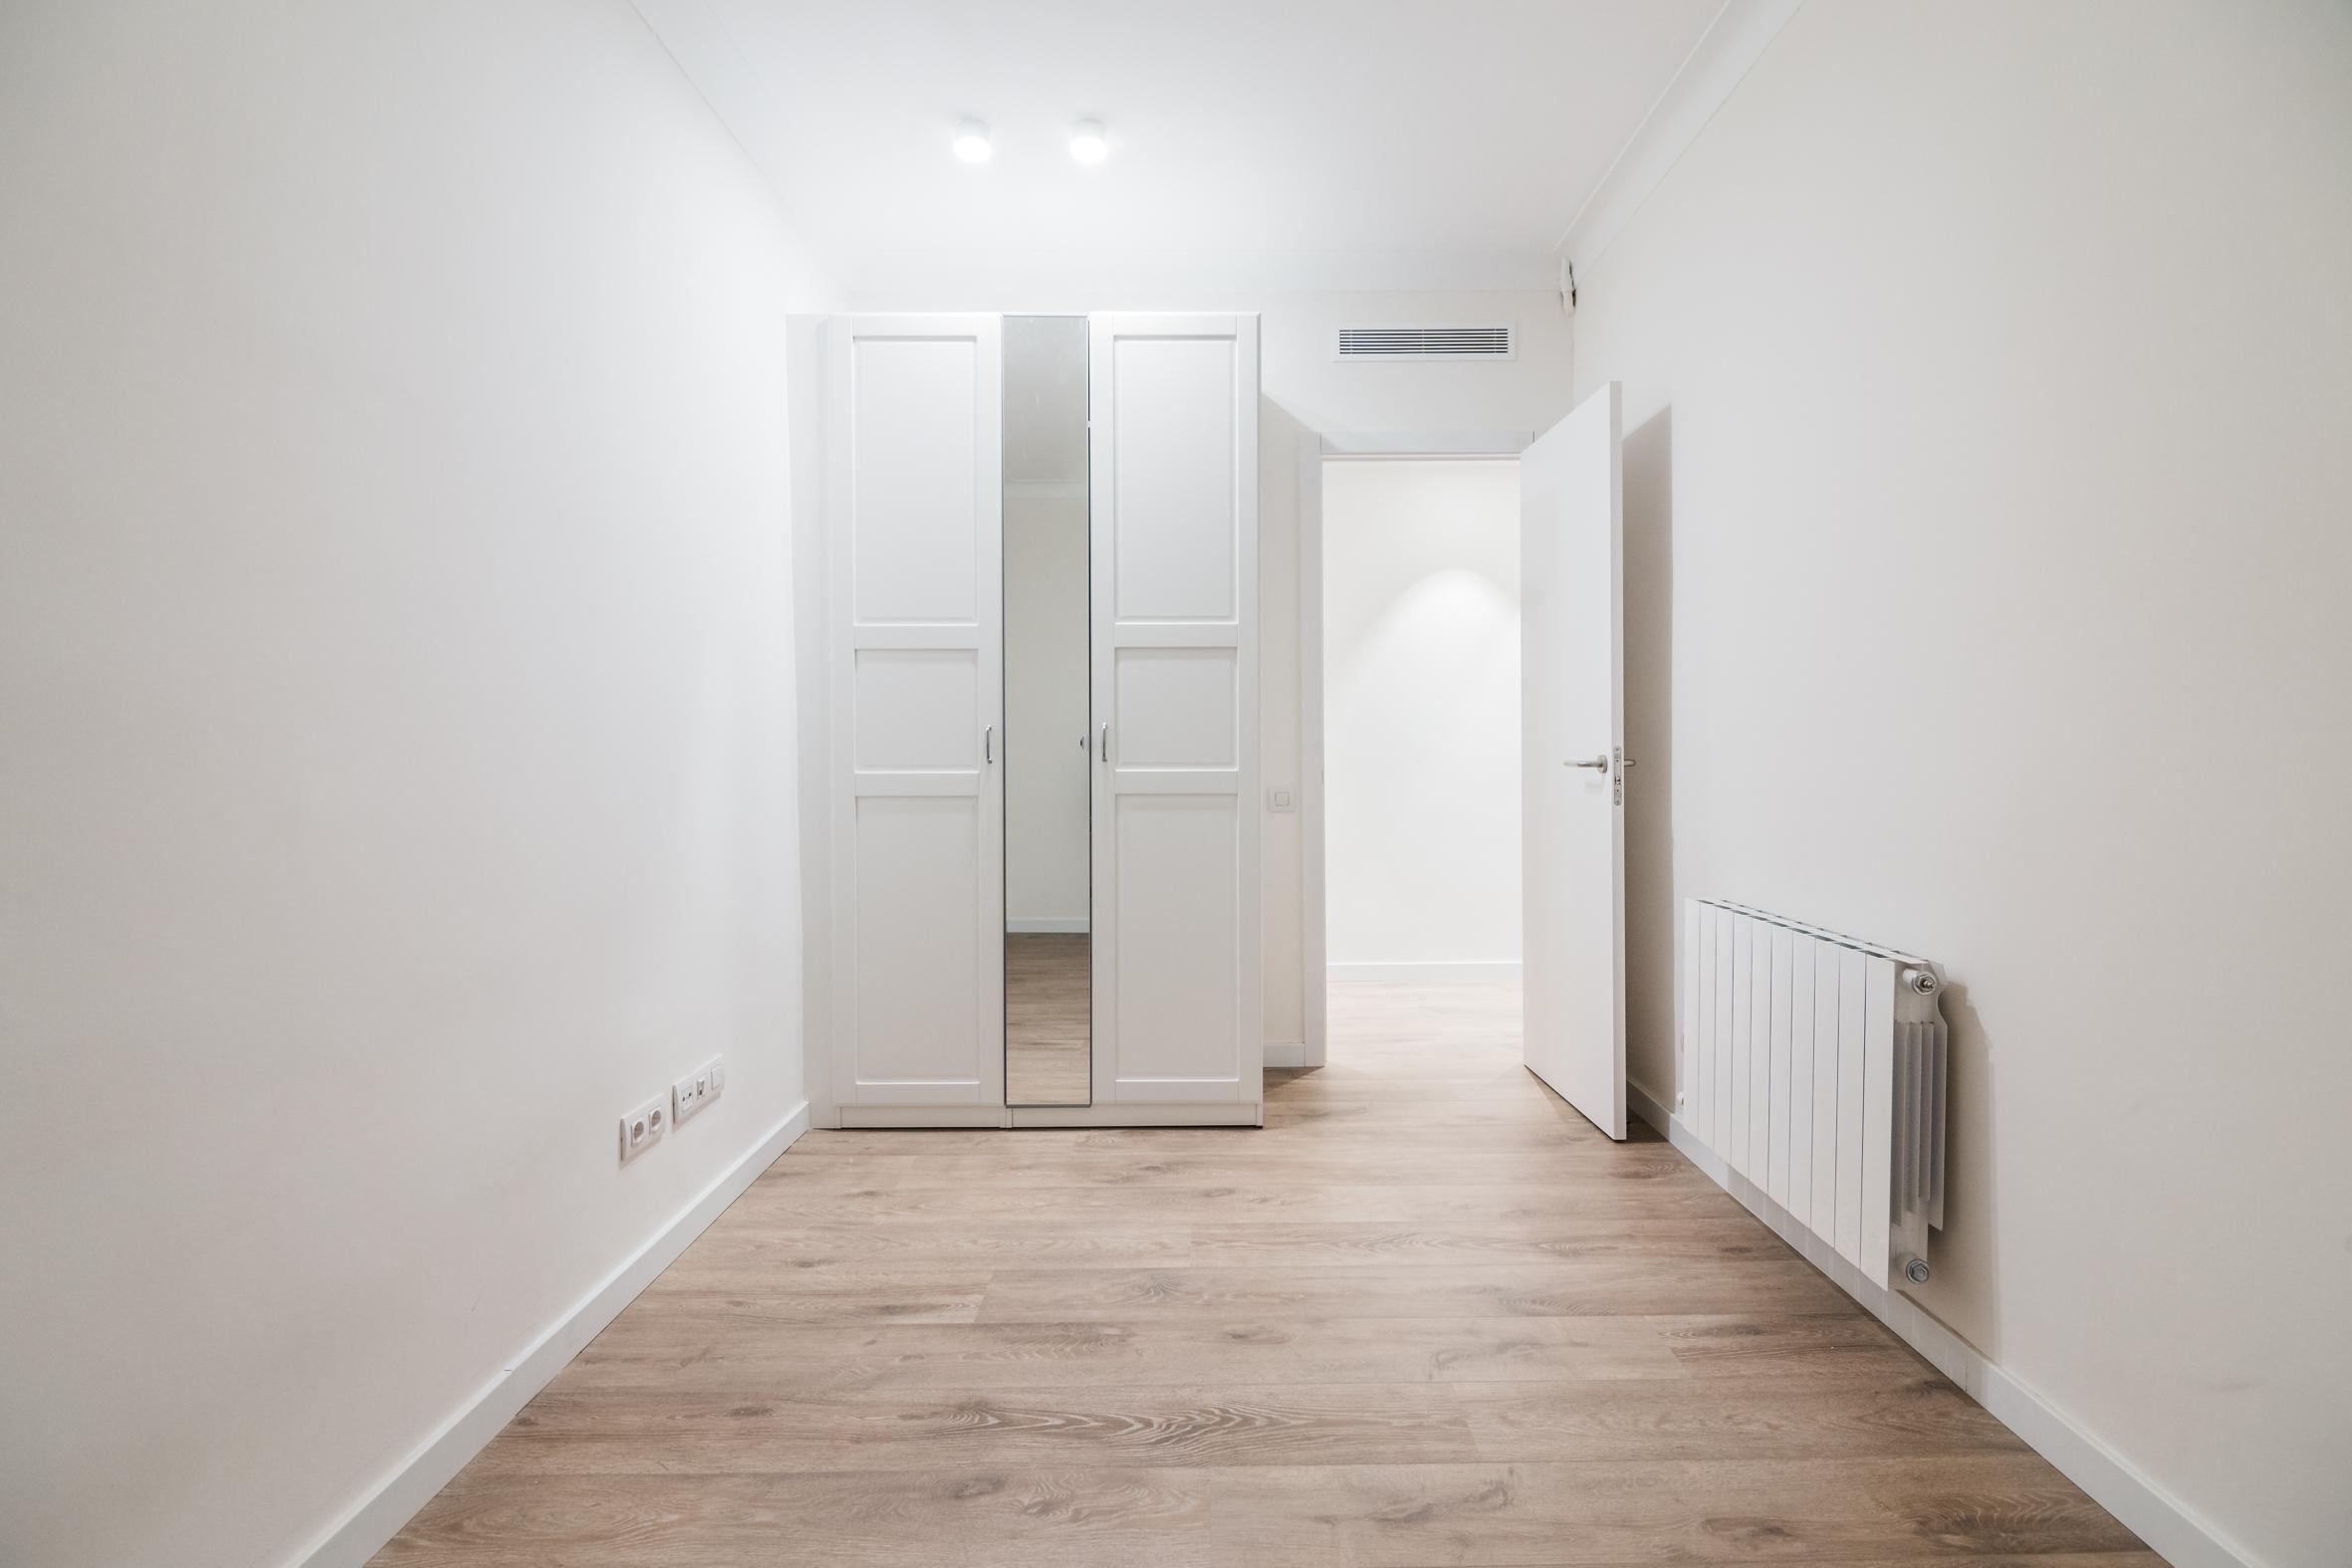 202959 Apartamento en venda en Sarrià-Sant Gervasi, St. Gervasi-Bonanova 12